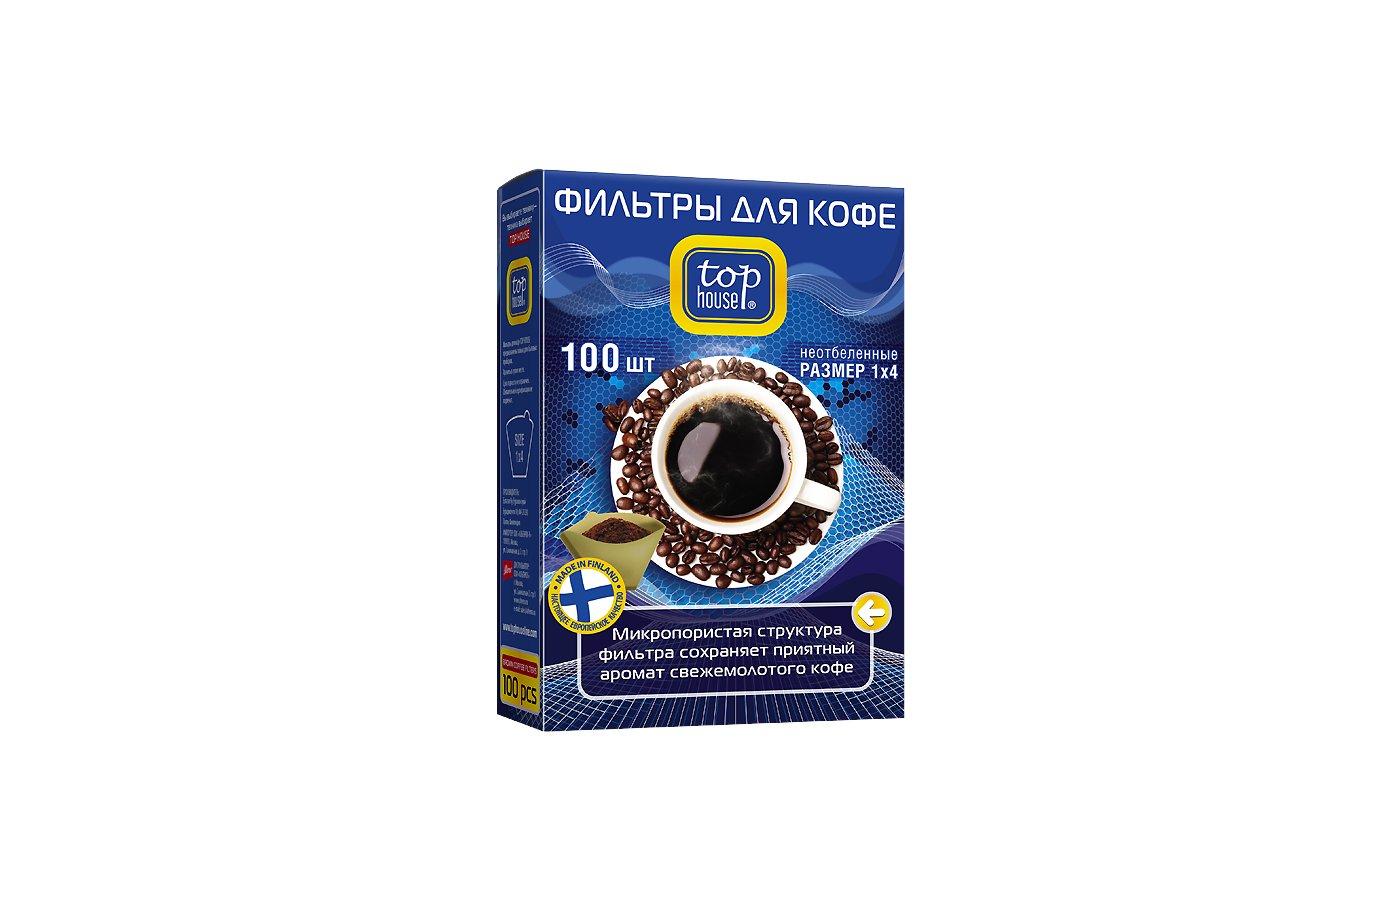 Фильтры для кофеварок TOP HOUSE 390629/95634 Фильтр для кофе 100шт